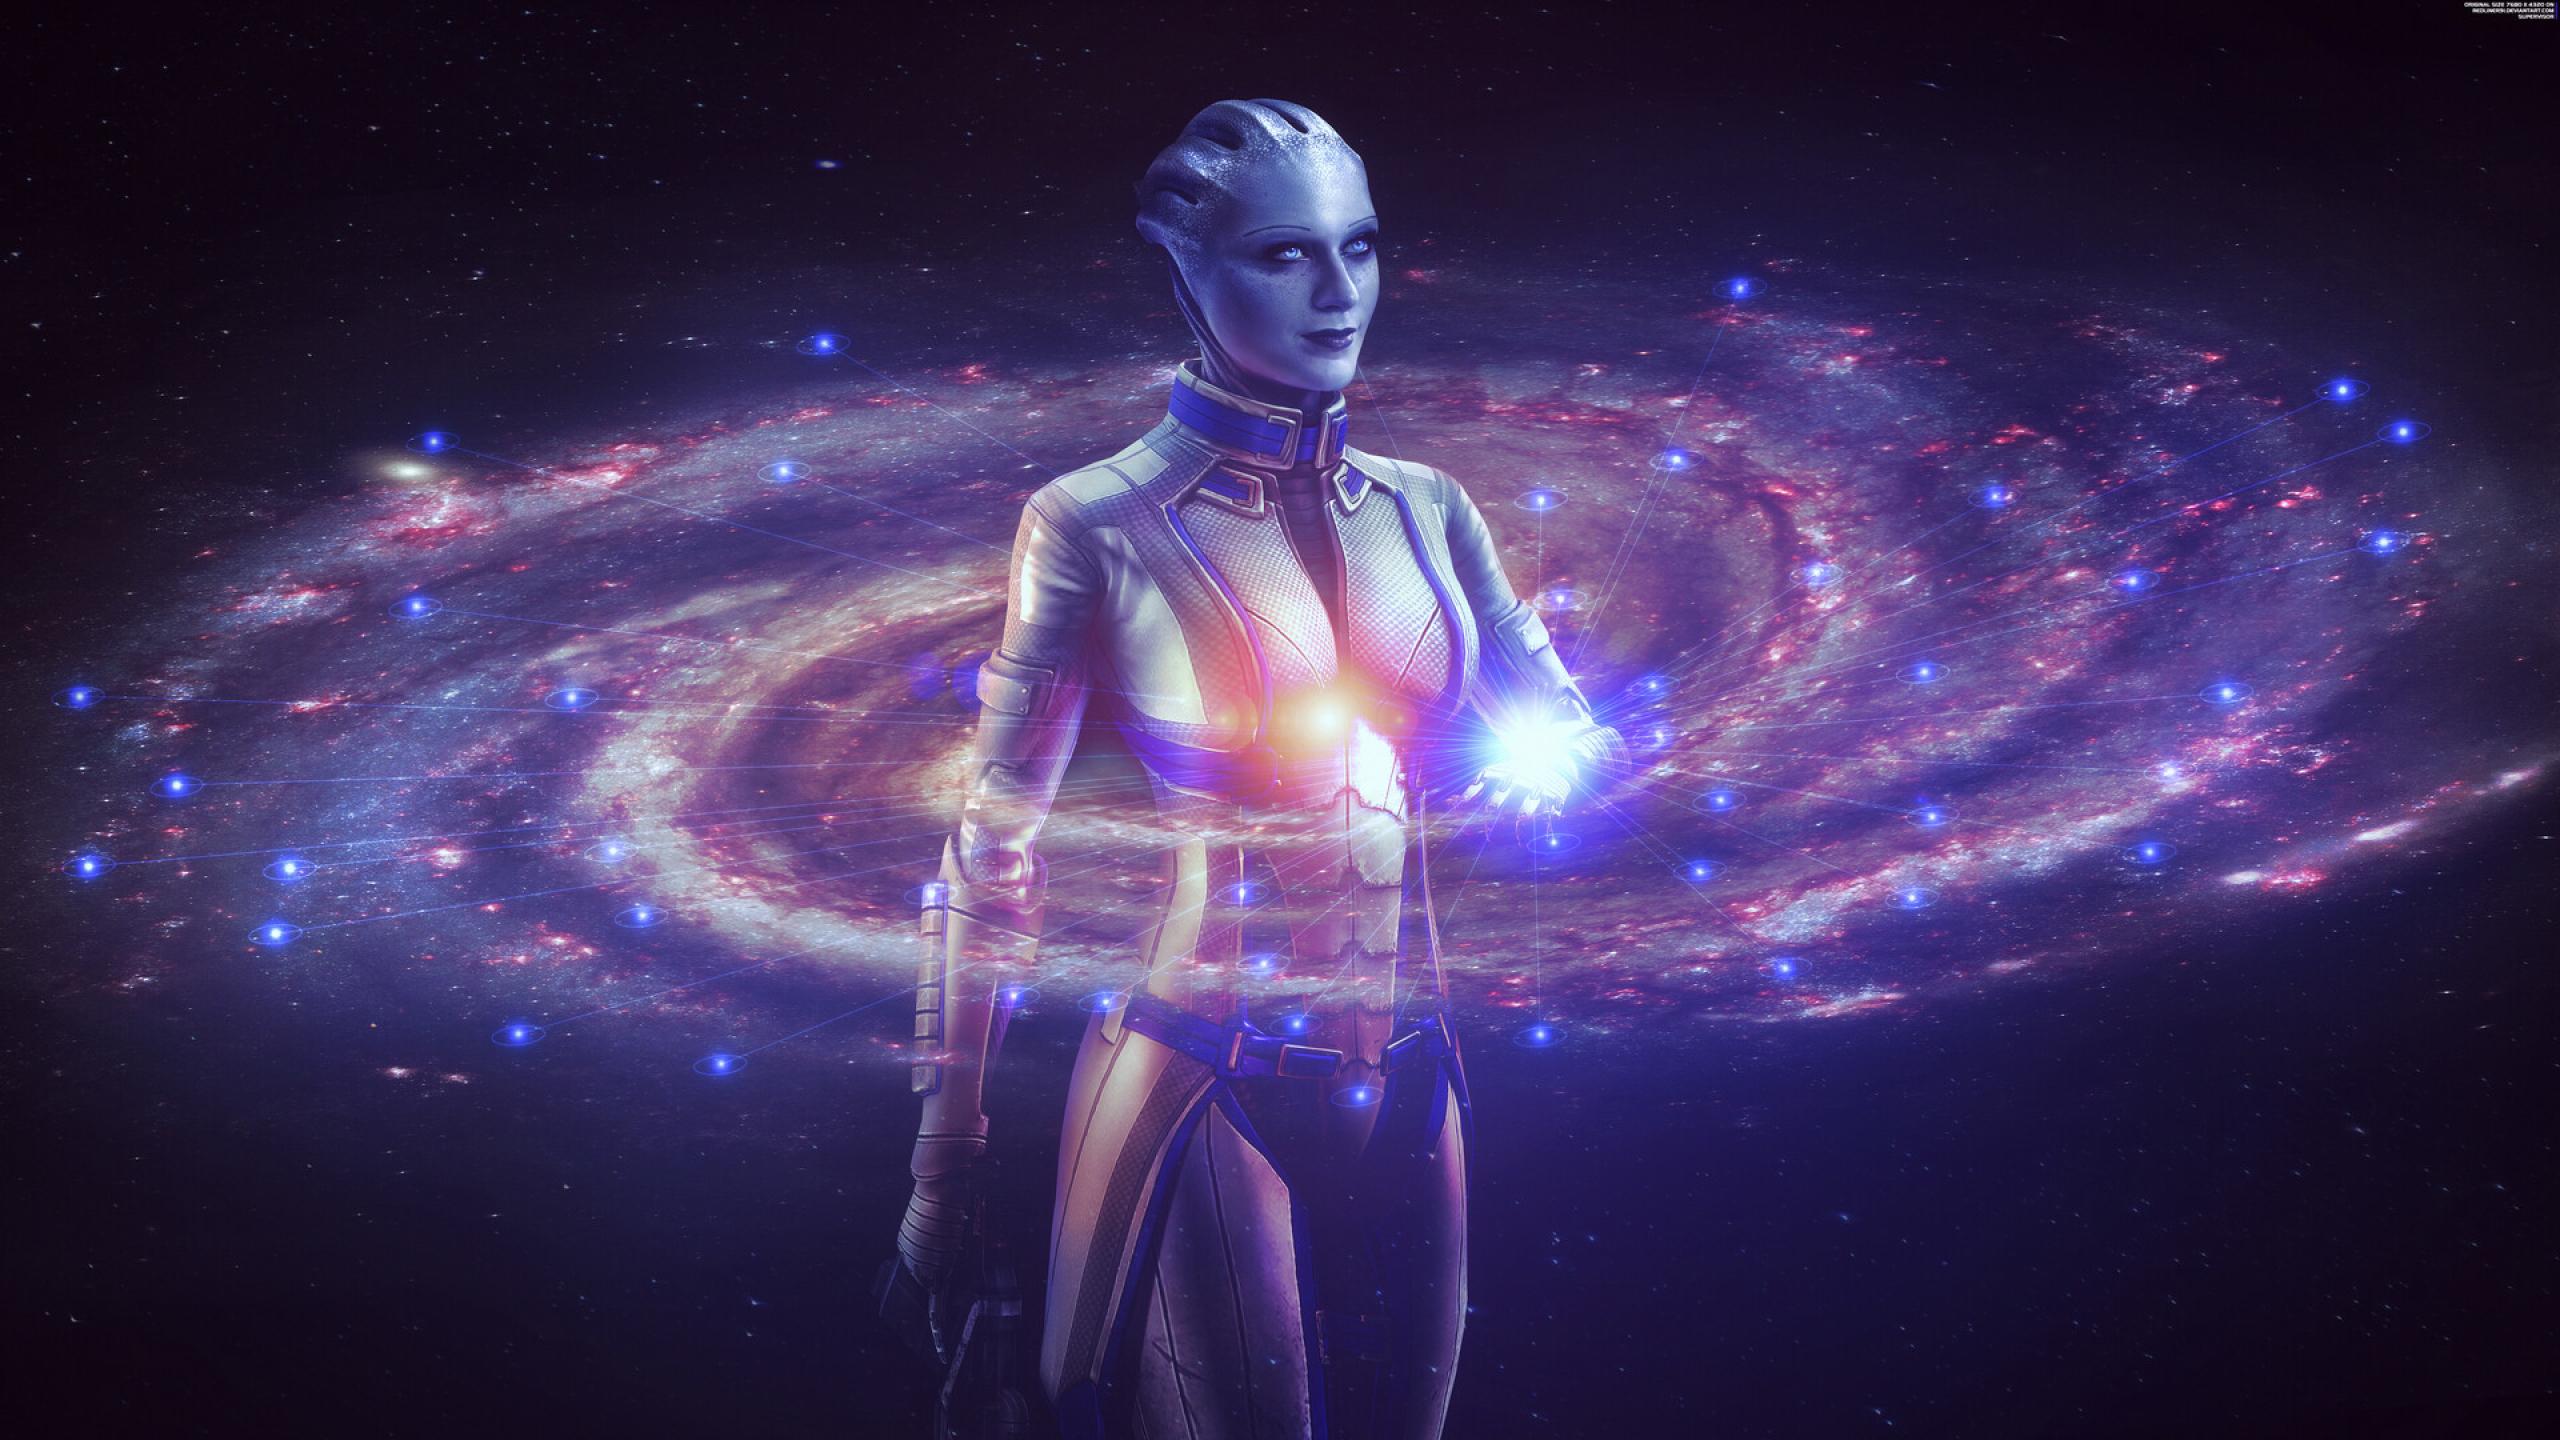 2560x1440 Liara Mass Effect 1440P Resolution Wallpaper, HD ...